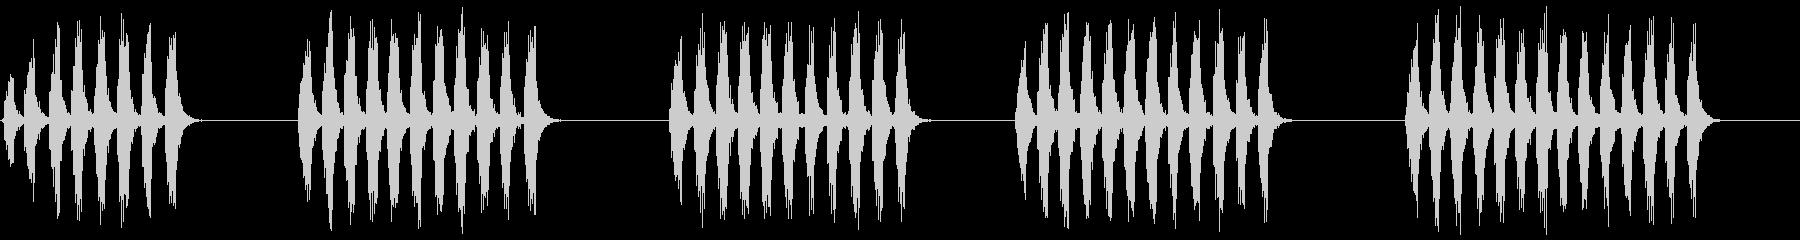 コオロギ 鳴き声 ギィギィギィ…×5の未再生の波形